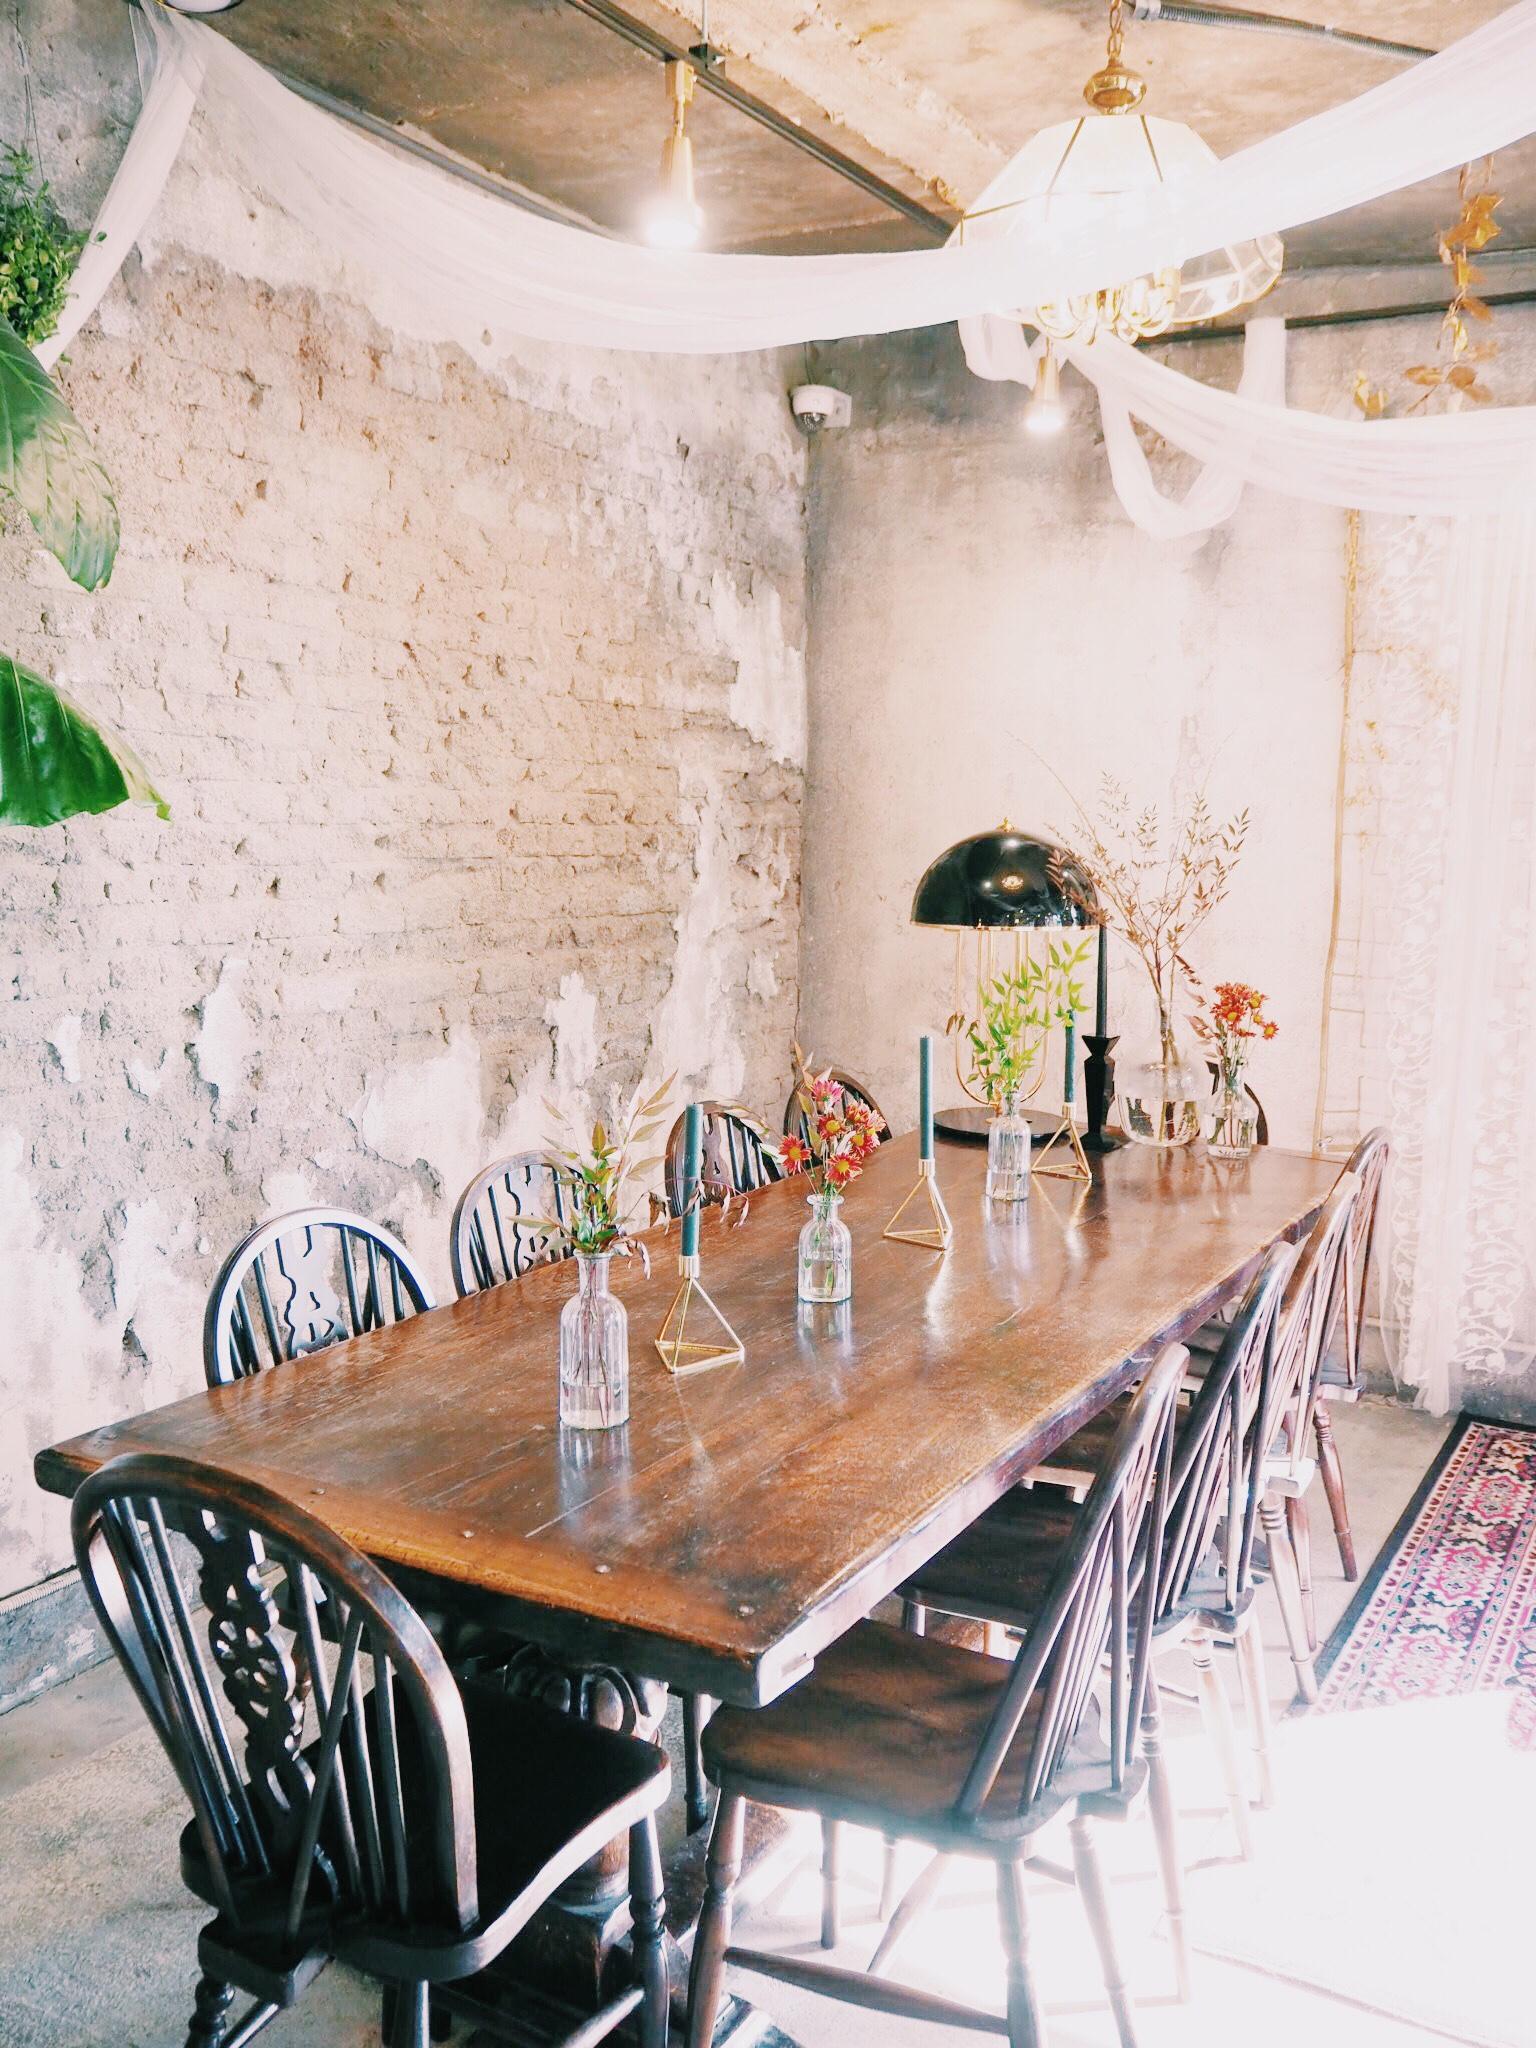 f4735ac9 1371 4d78 be43 19443a11233e - GRAND MUSE - まるで隠れ家一軒家。韓国ソウルにオープンしたケーキプレートがおしゃれなカフェ